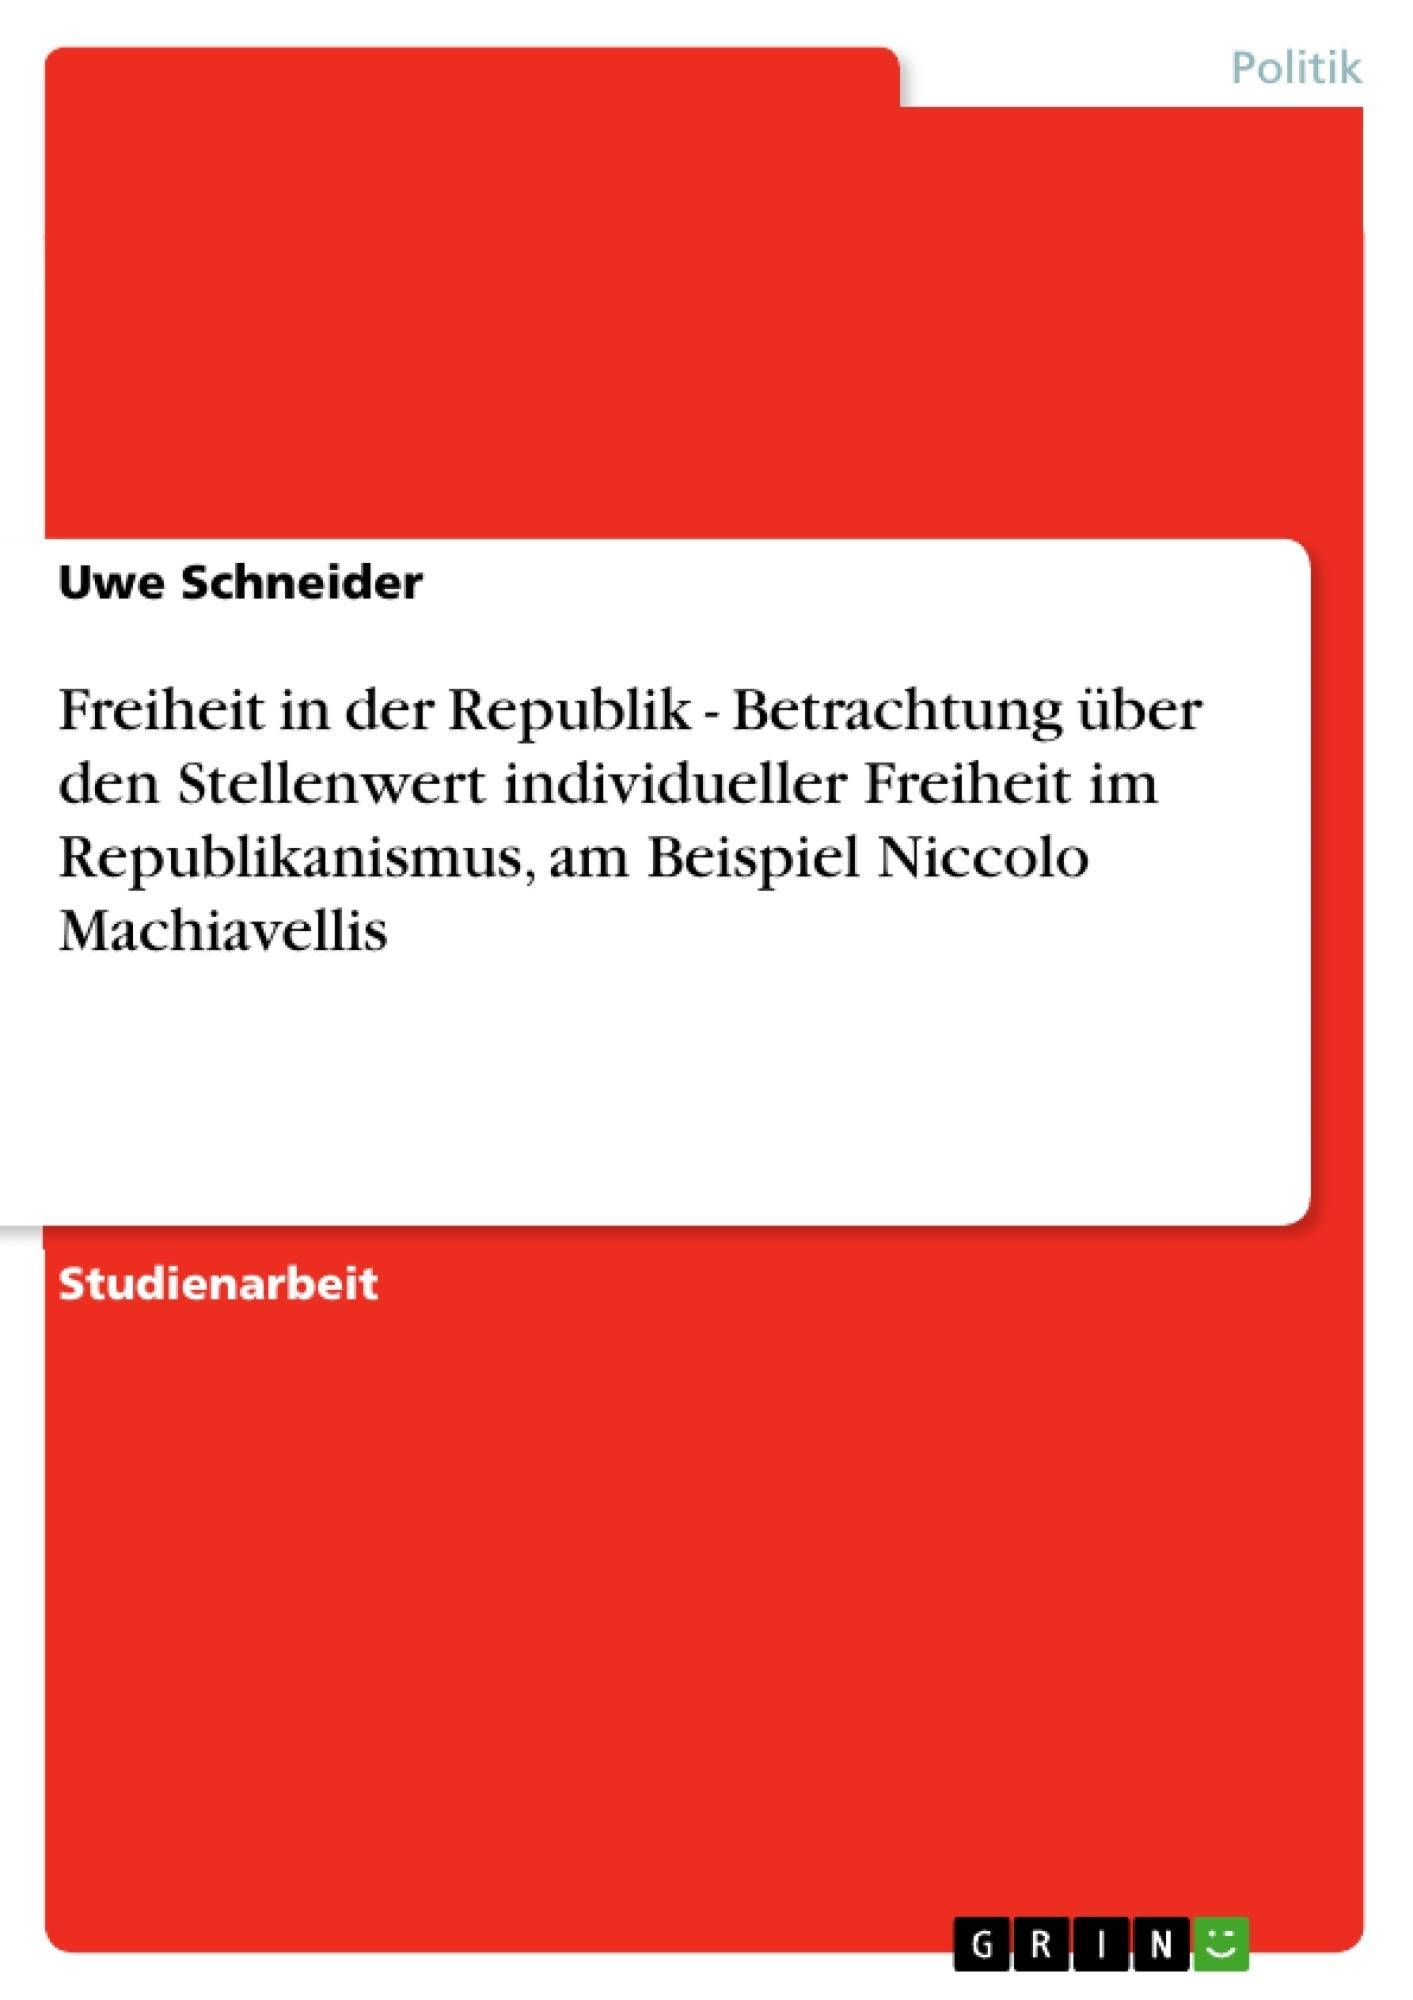 Titel: Freiheit in der Republik - Betrachtung über den Stellenwert individueller Freiheit im Republikanismus, am Beispiel Niccolo Machiavellis